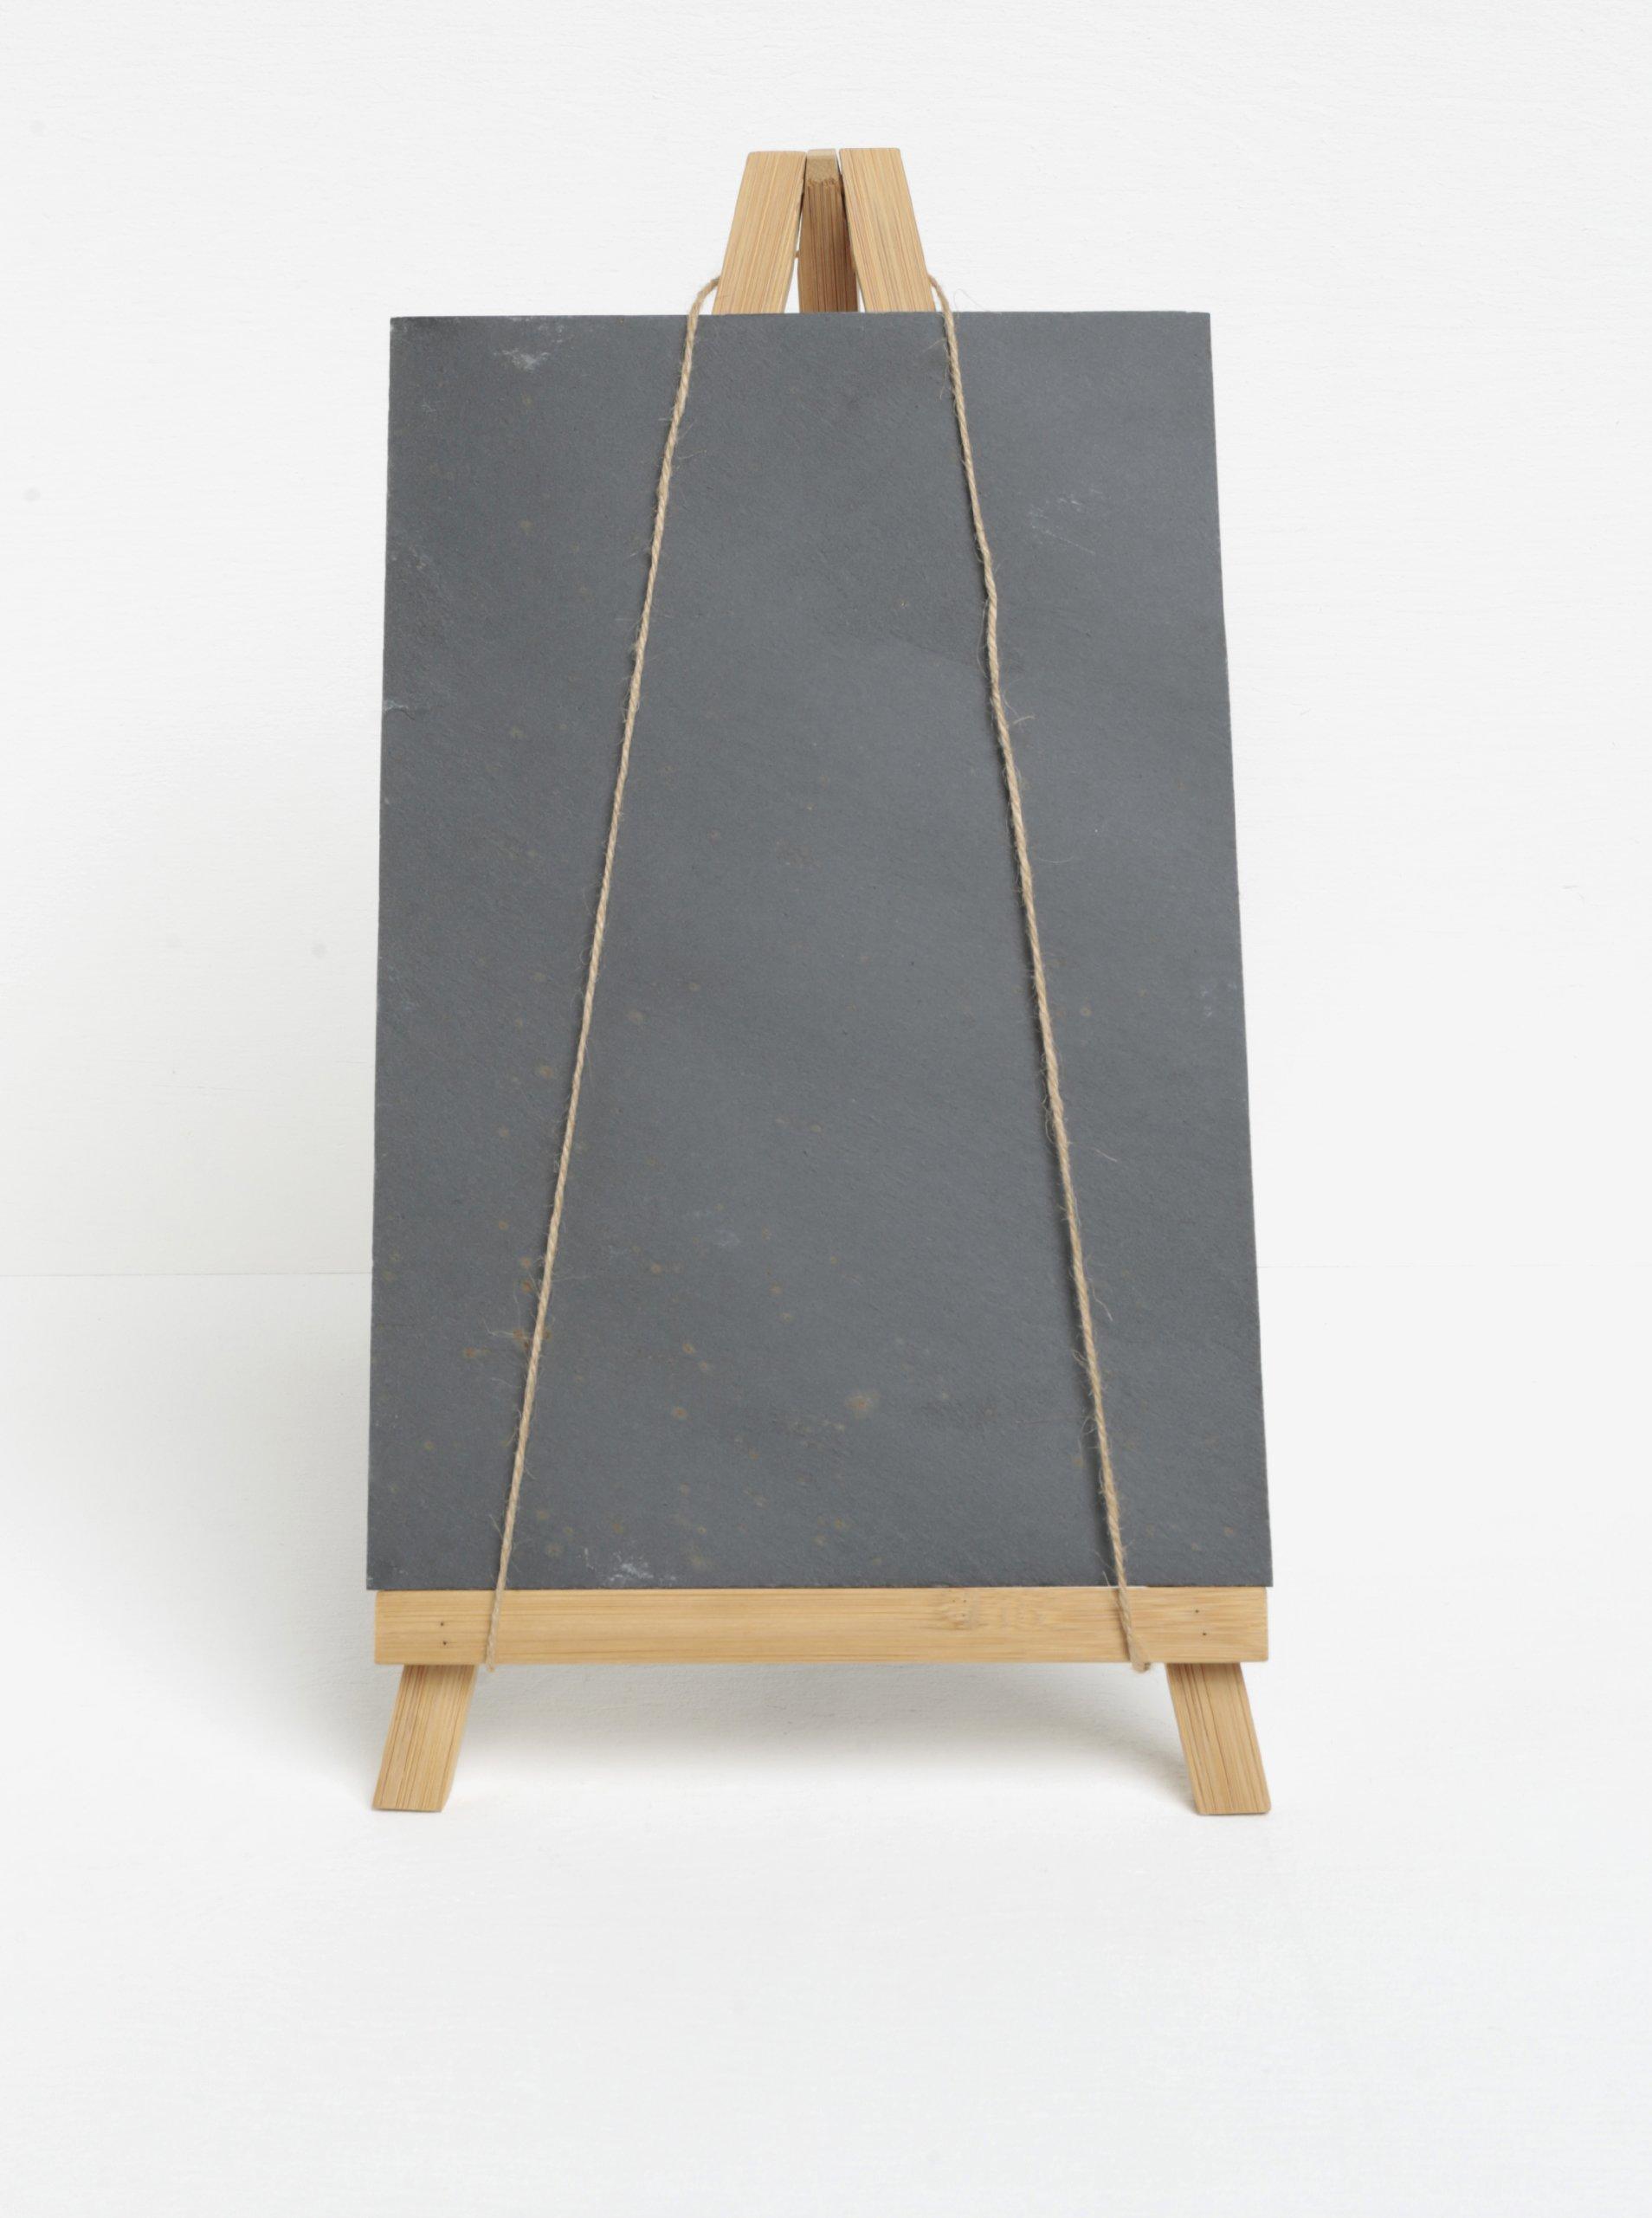 Bambusový stojan s křídovou tabulí z břidlice SIFCON